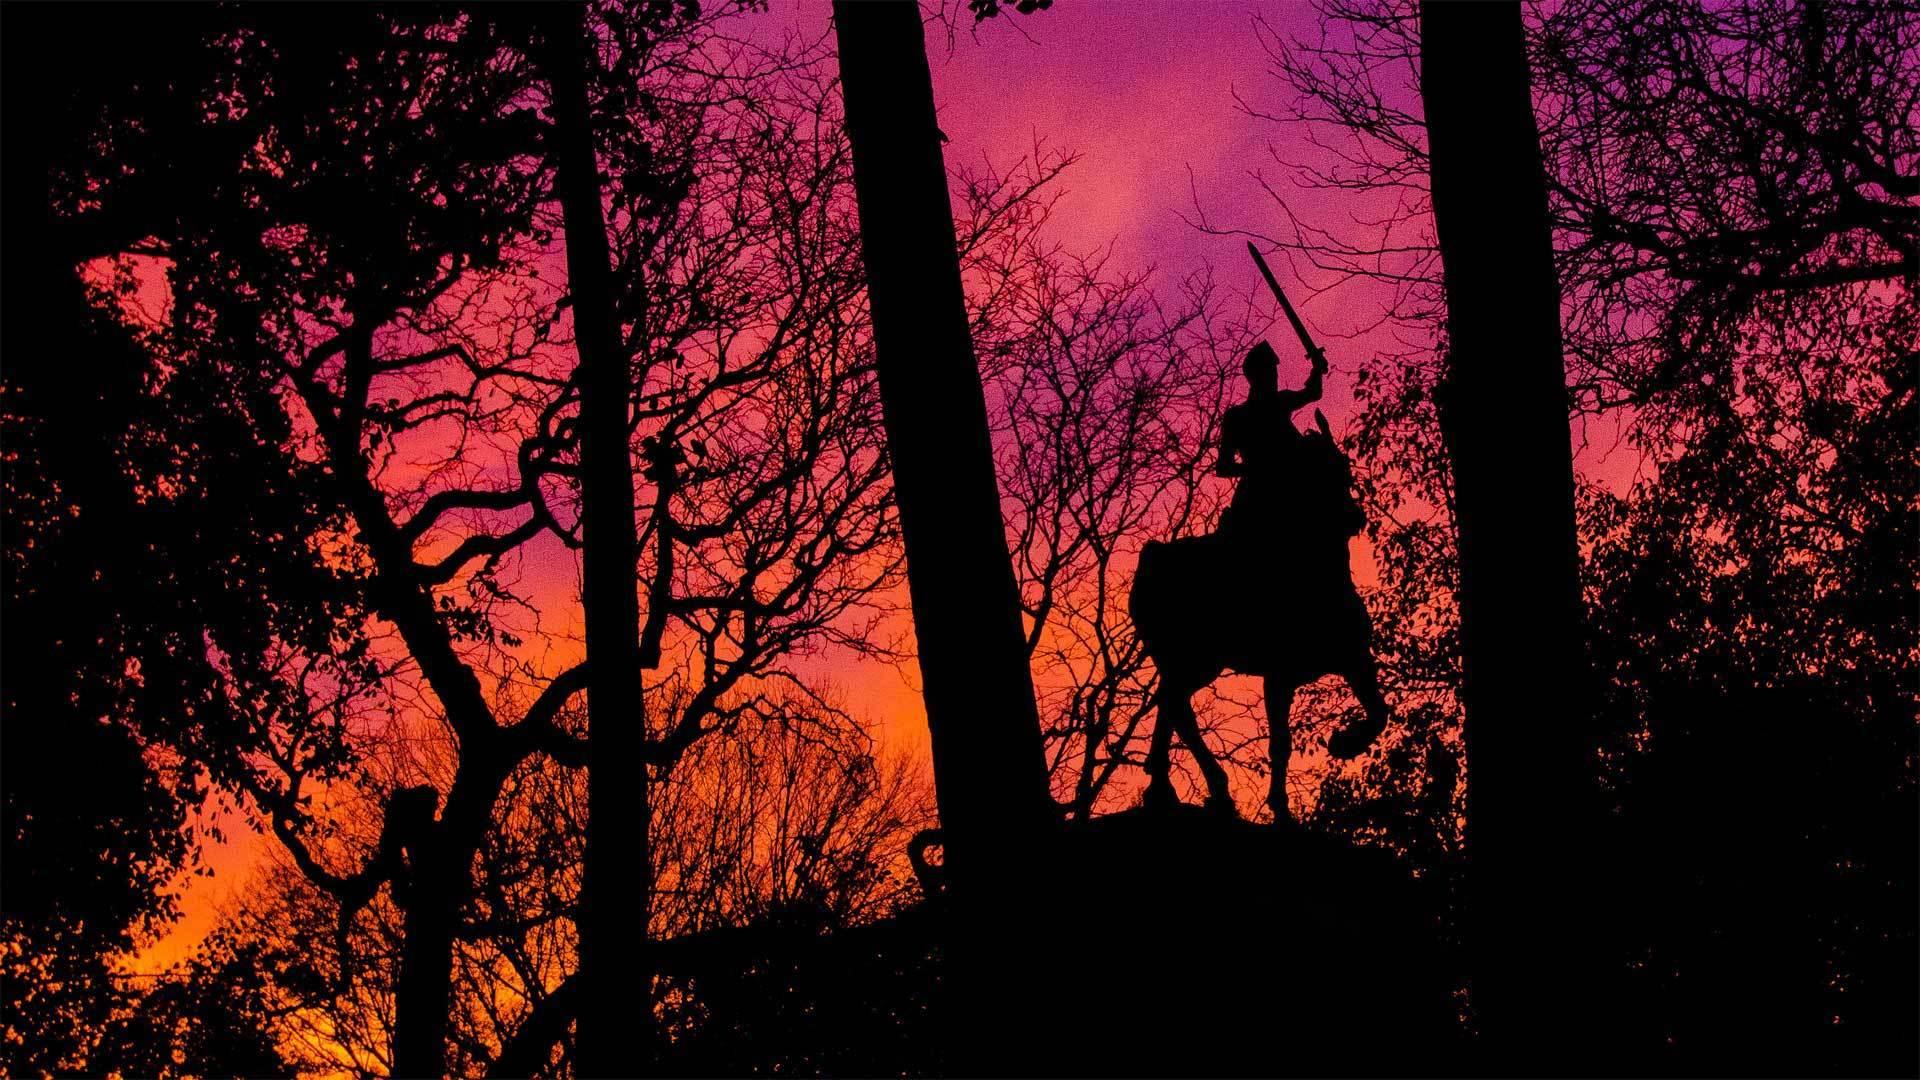 曼哈顿河滨公园中的圣女贞德纪念碑圣女贞德纪念碑